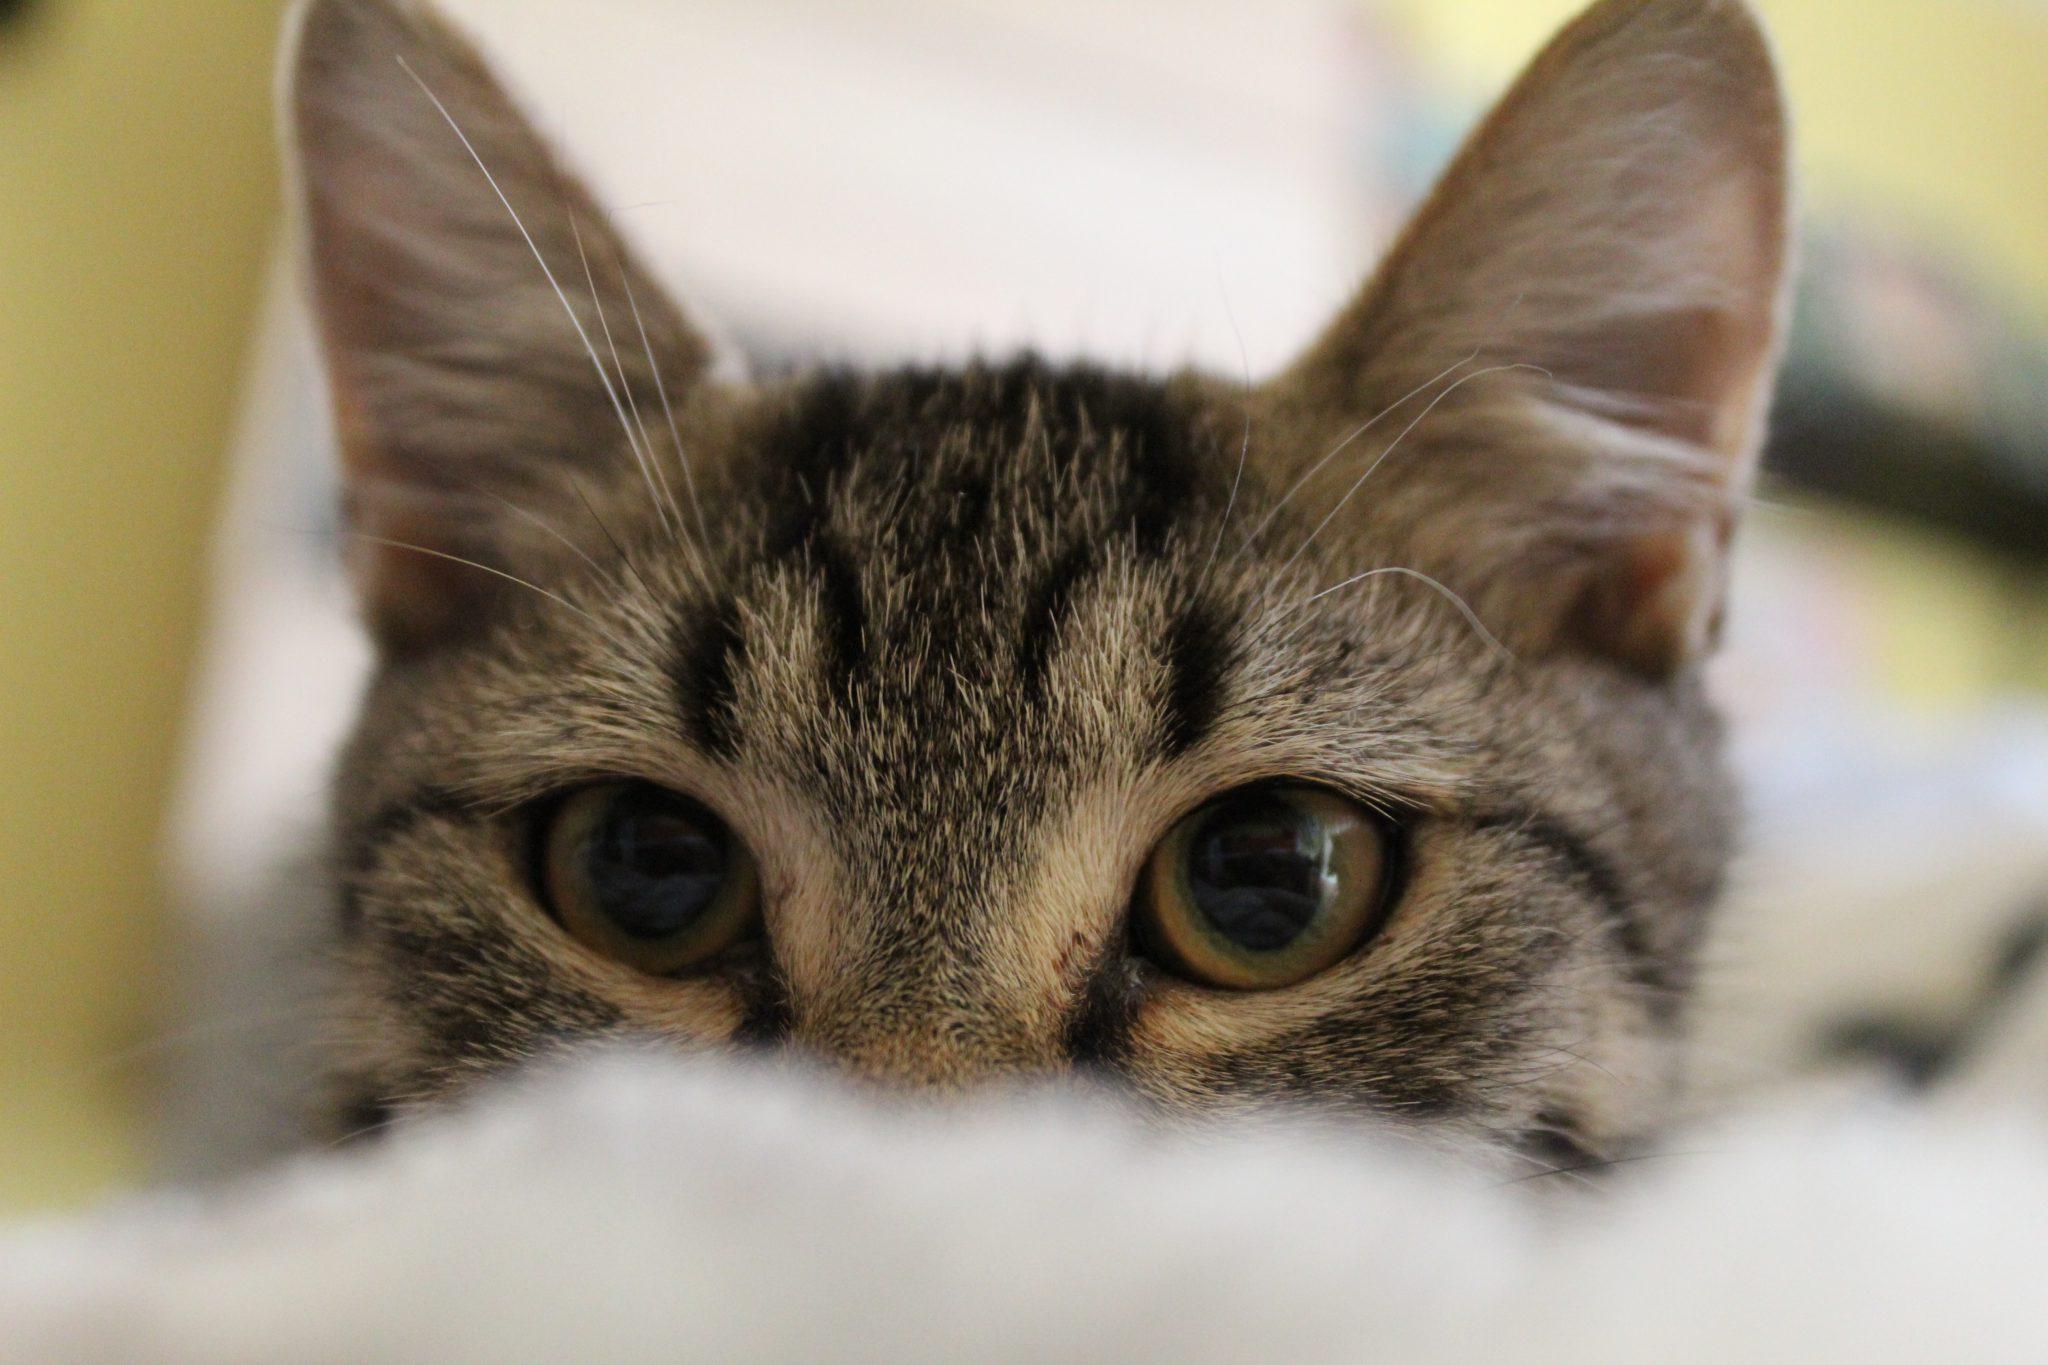 고양이 집사 귀가